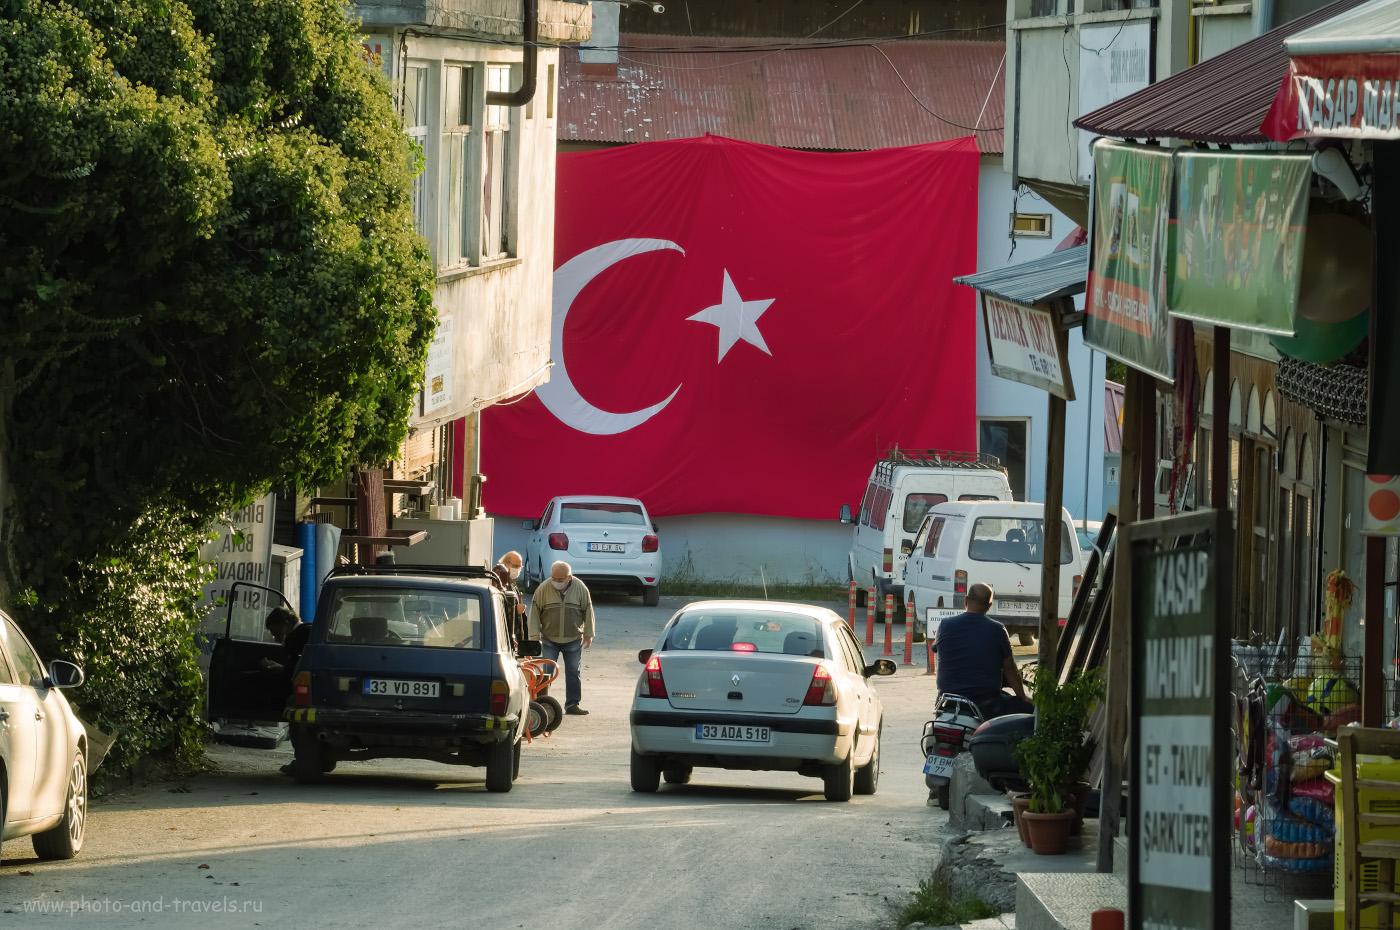 Фотография 7. Вечер в центре городка Чамлыяйла. Как мы взяли в аренду автомобиль и путешествовали по малоизвестным местам Турции. 1/60, 11.0, 400, -0.67, 110.